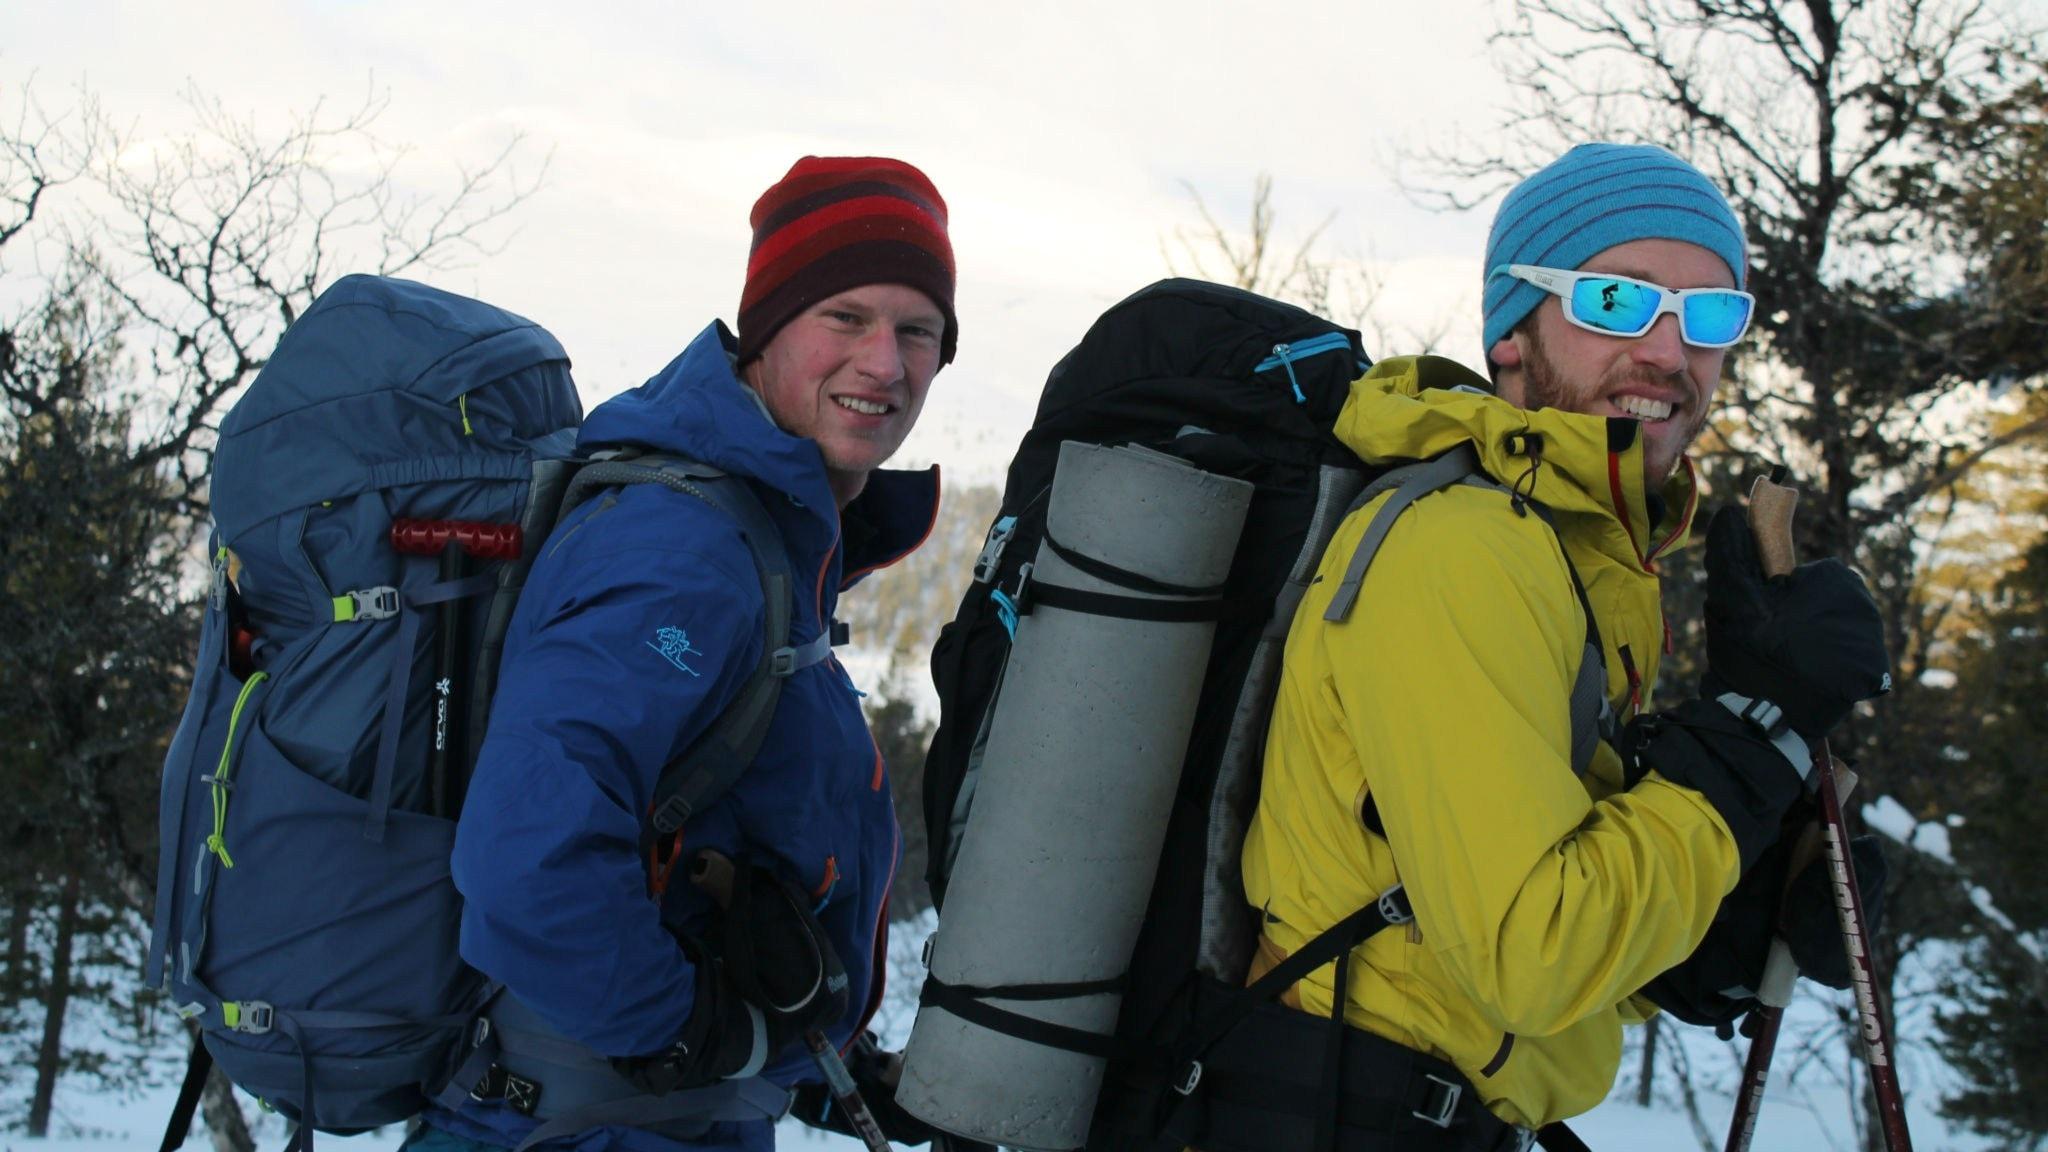 Att åka skidor i fem månader och överlevnadsexperten om oväntad övernattning utomhus